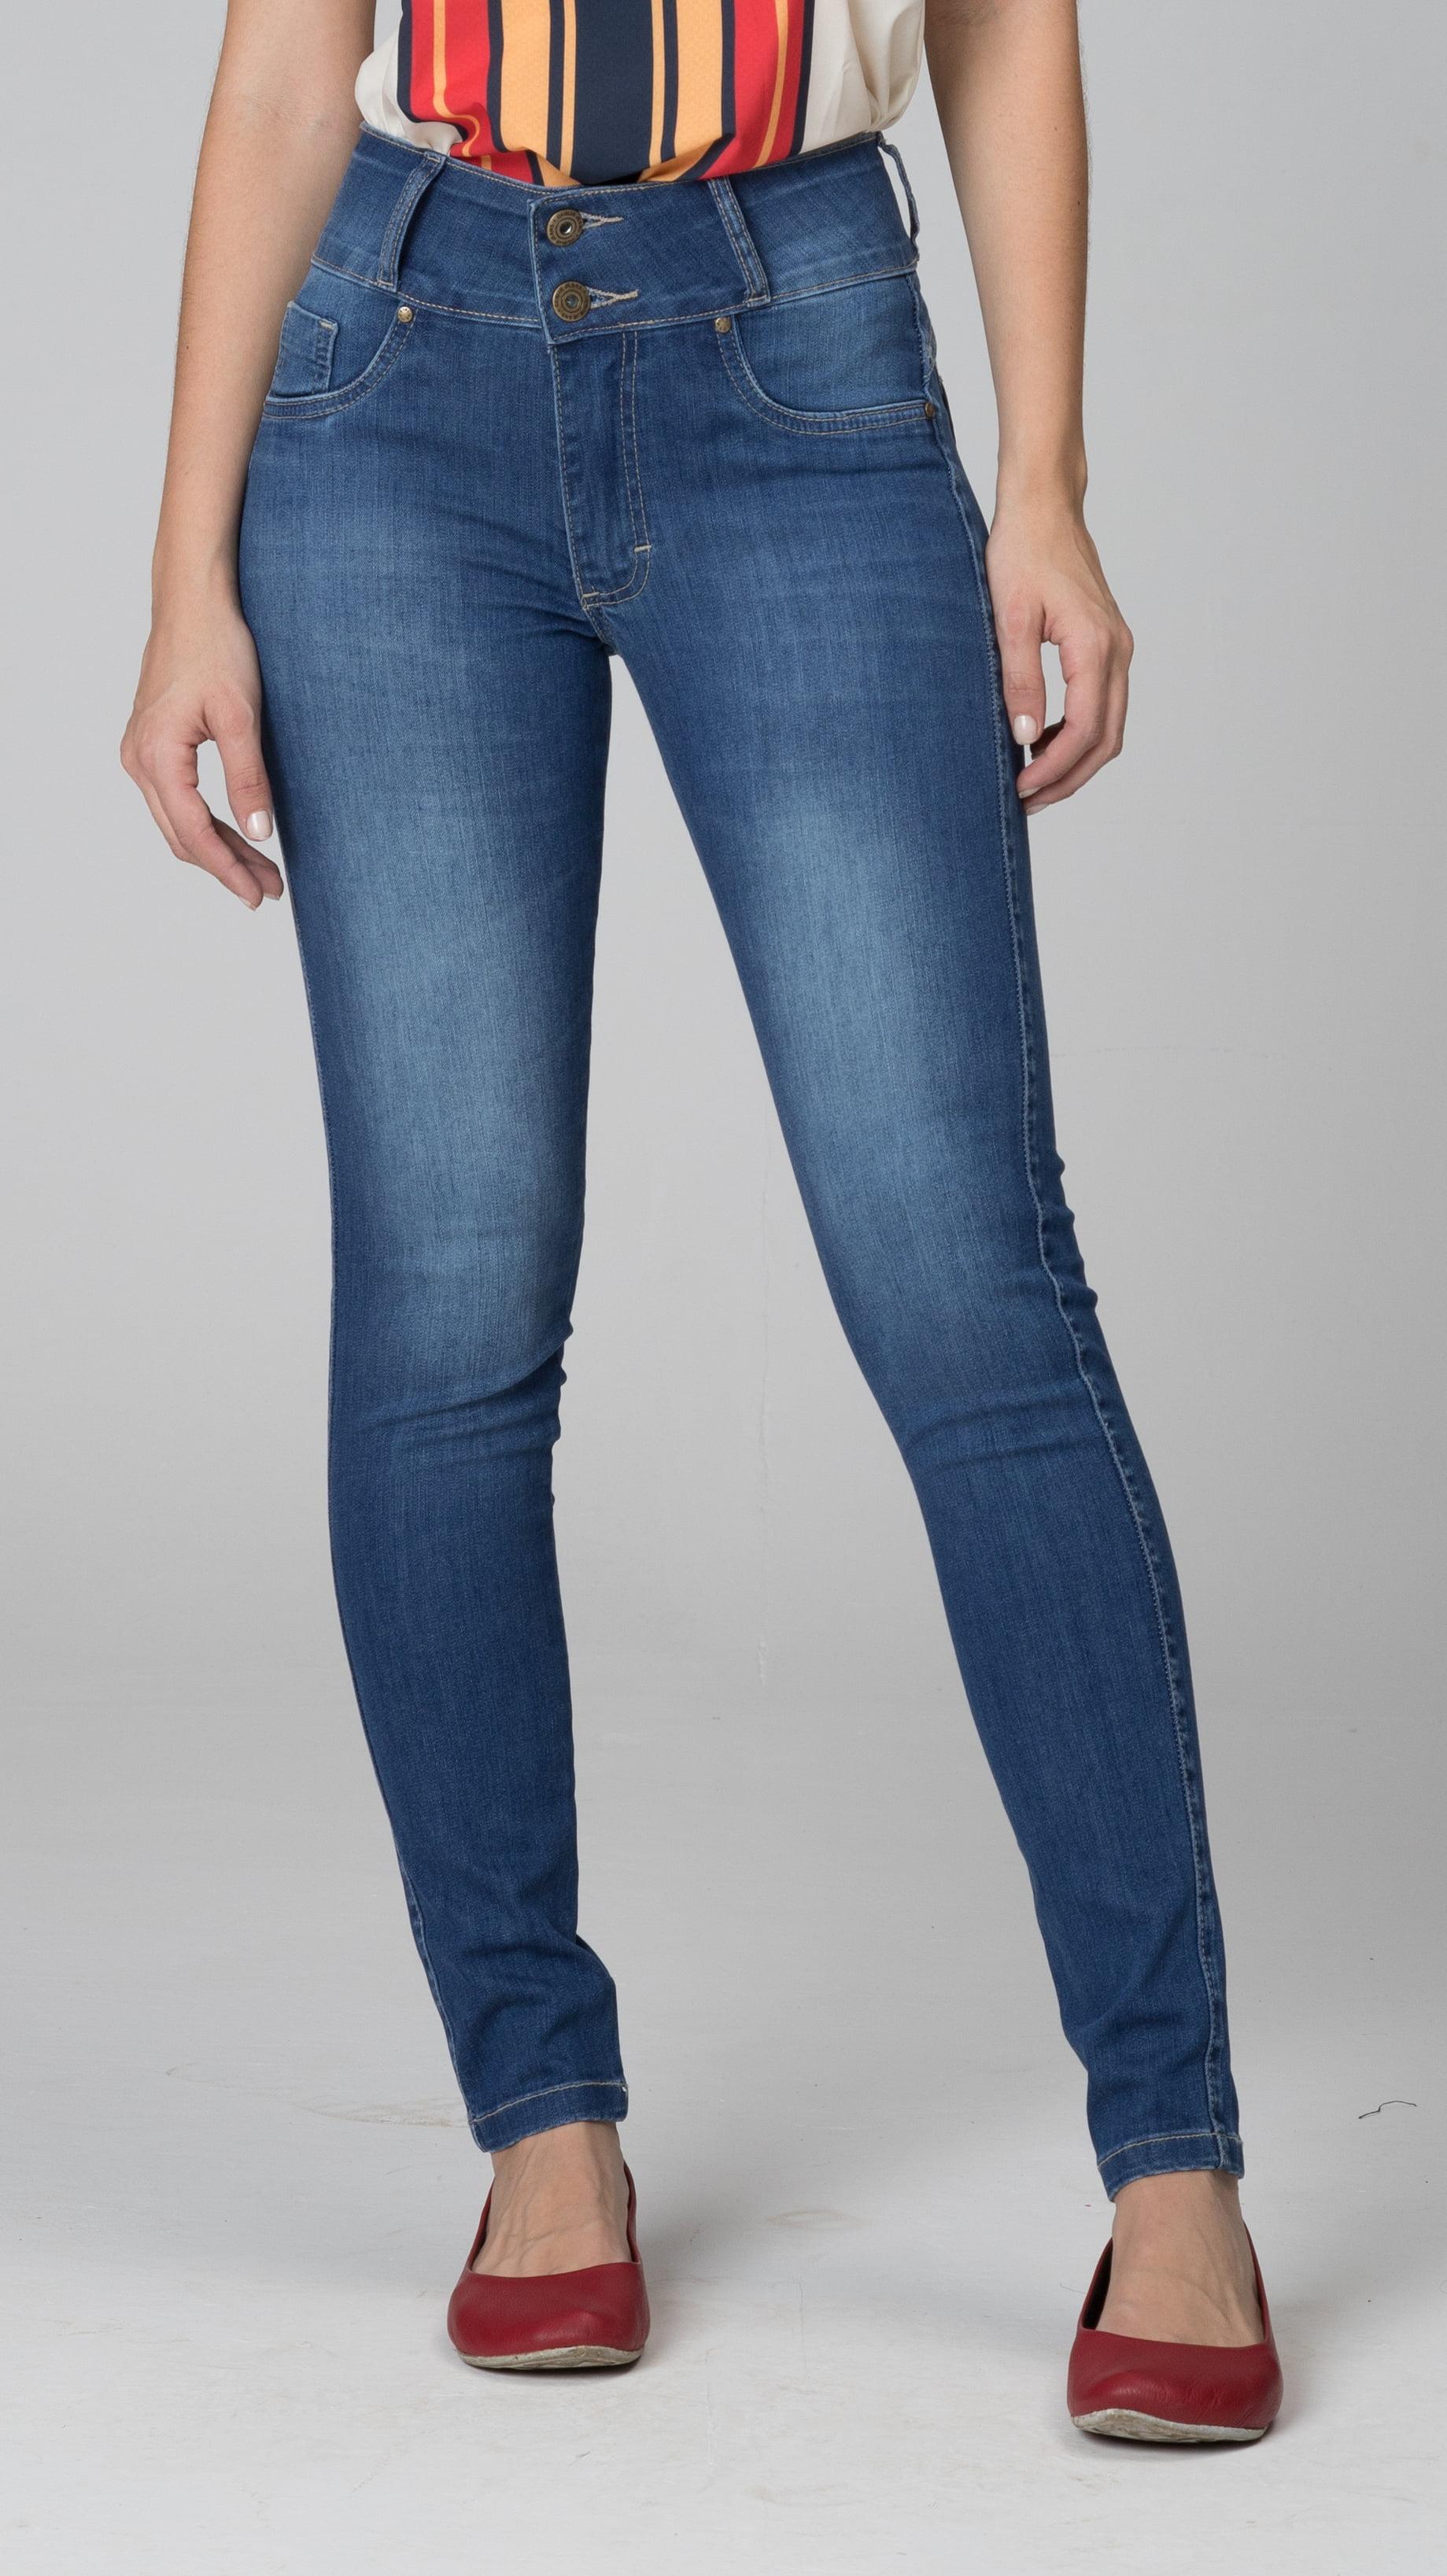 Calça Jeans Levanta Bumbum F2020464